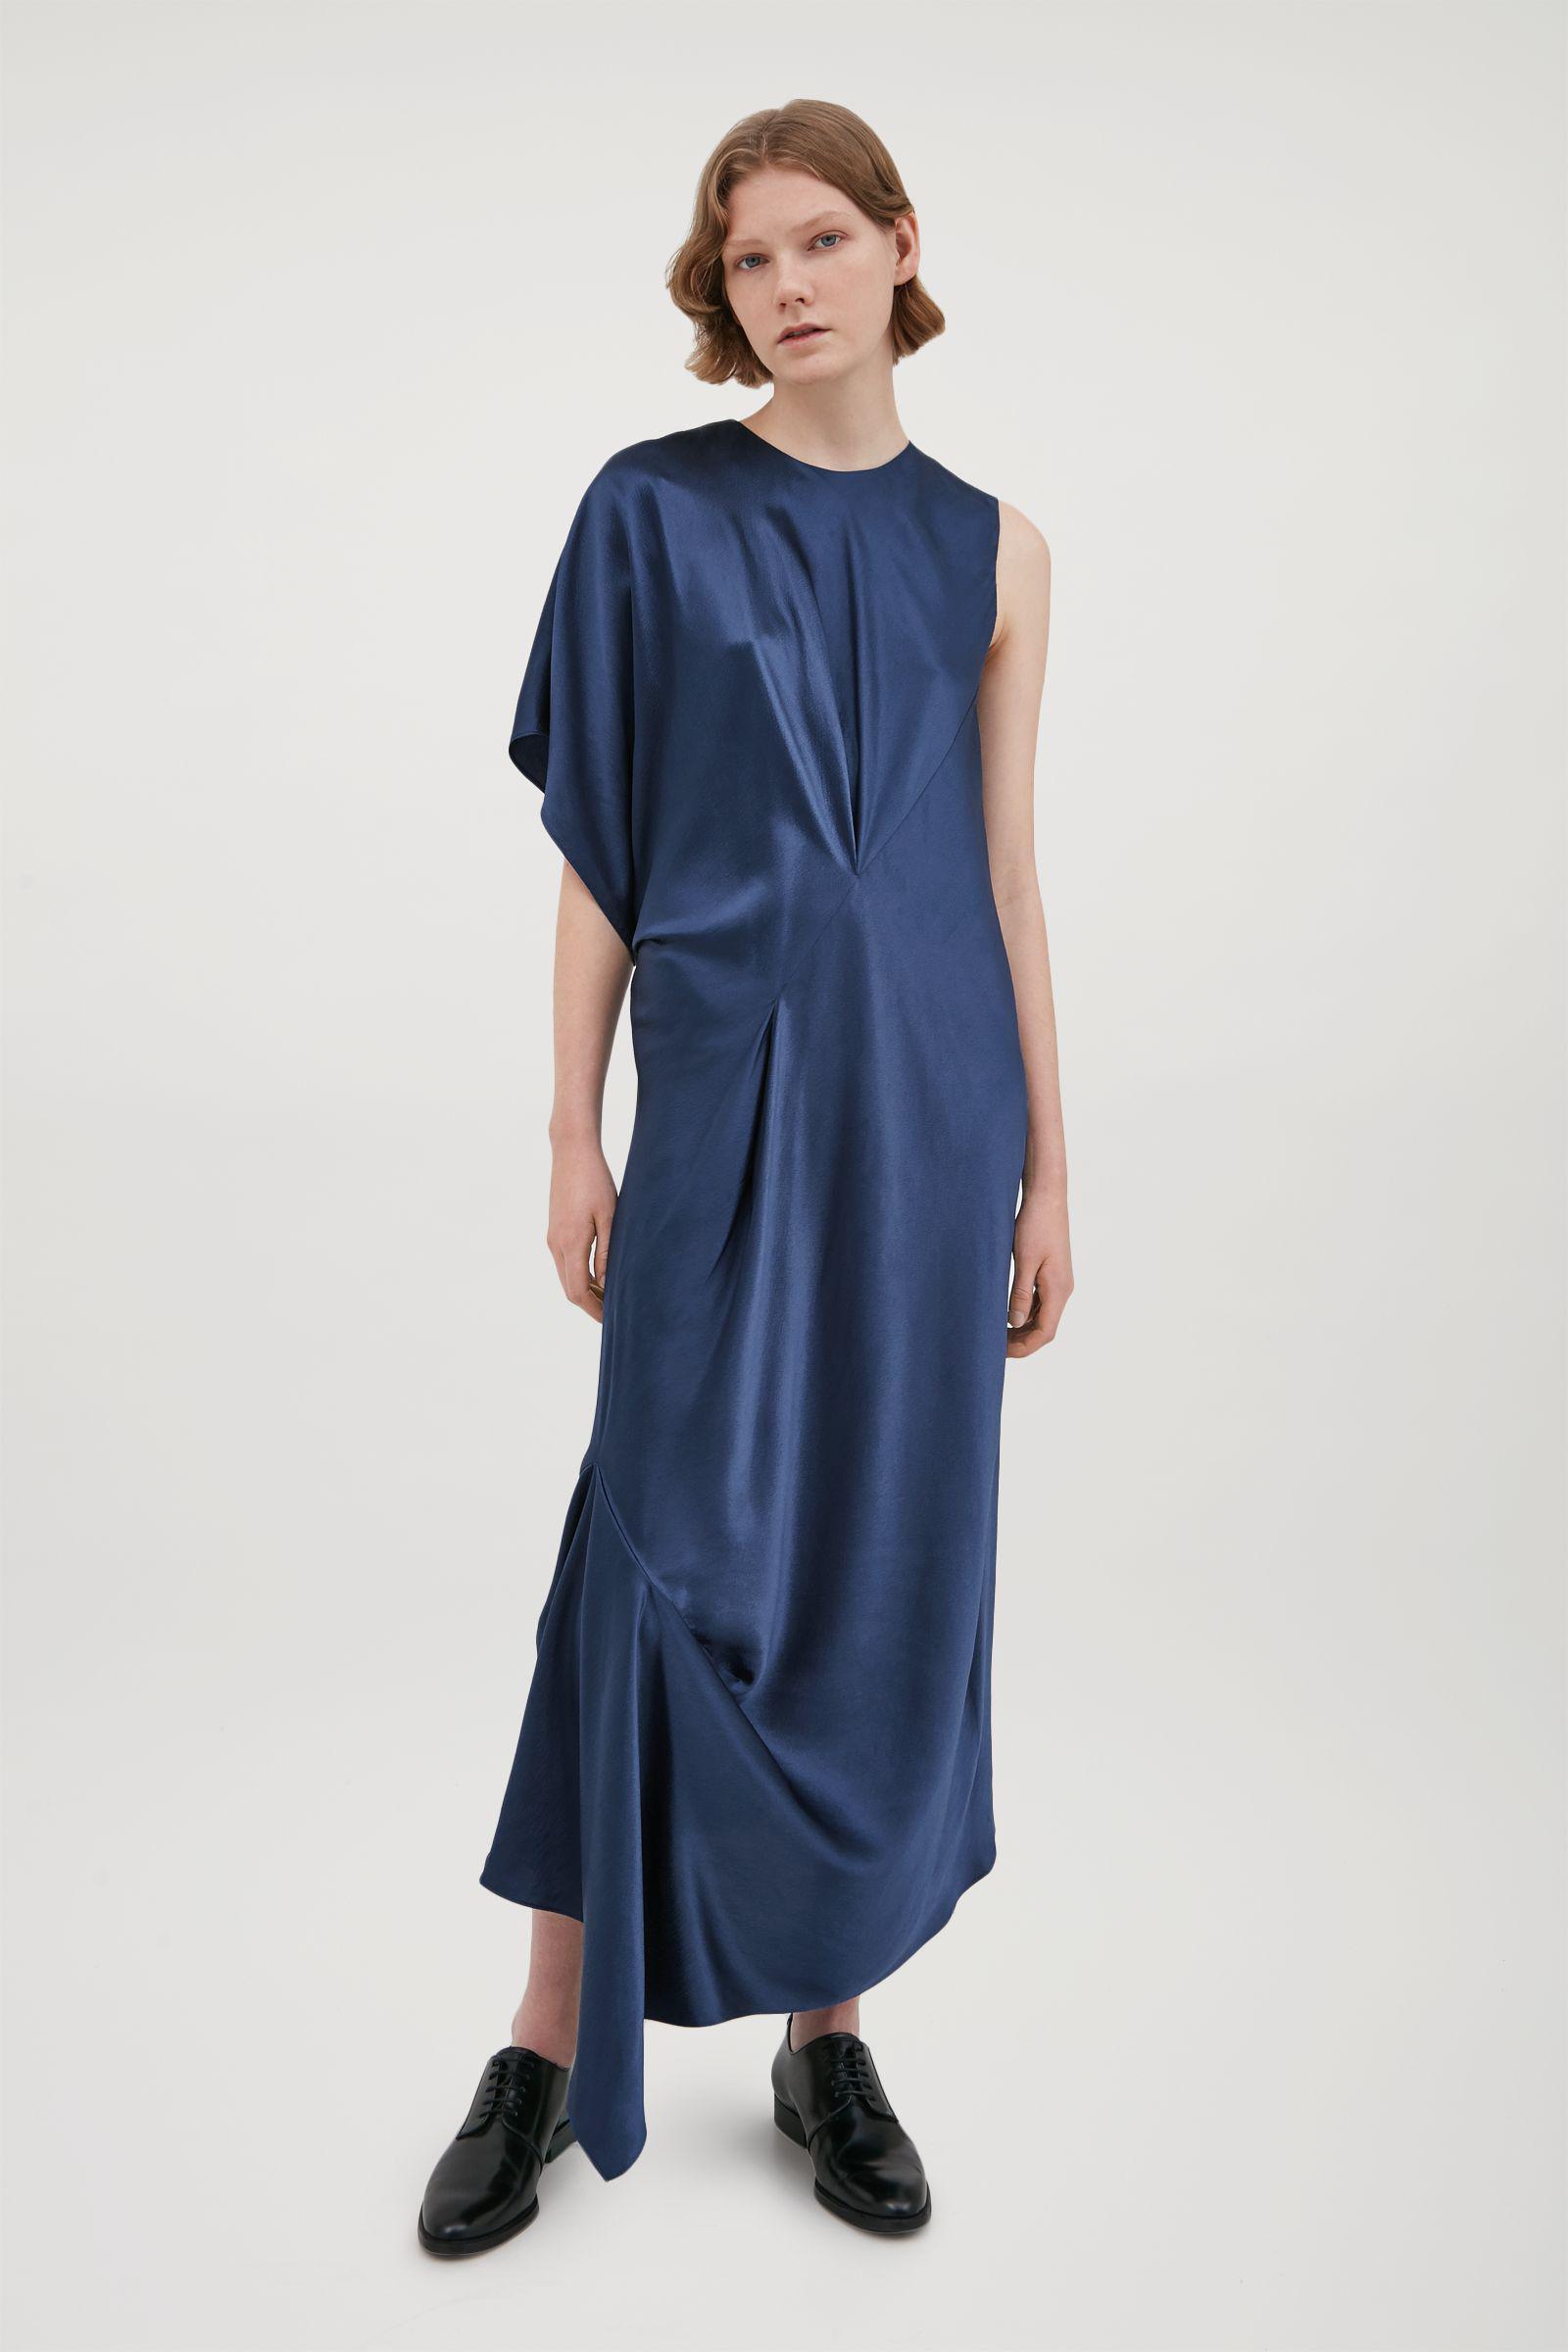 ba047a2733a8f COS Silk Dress With Asymmetric Drape in Blue - Lyst